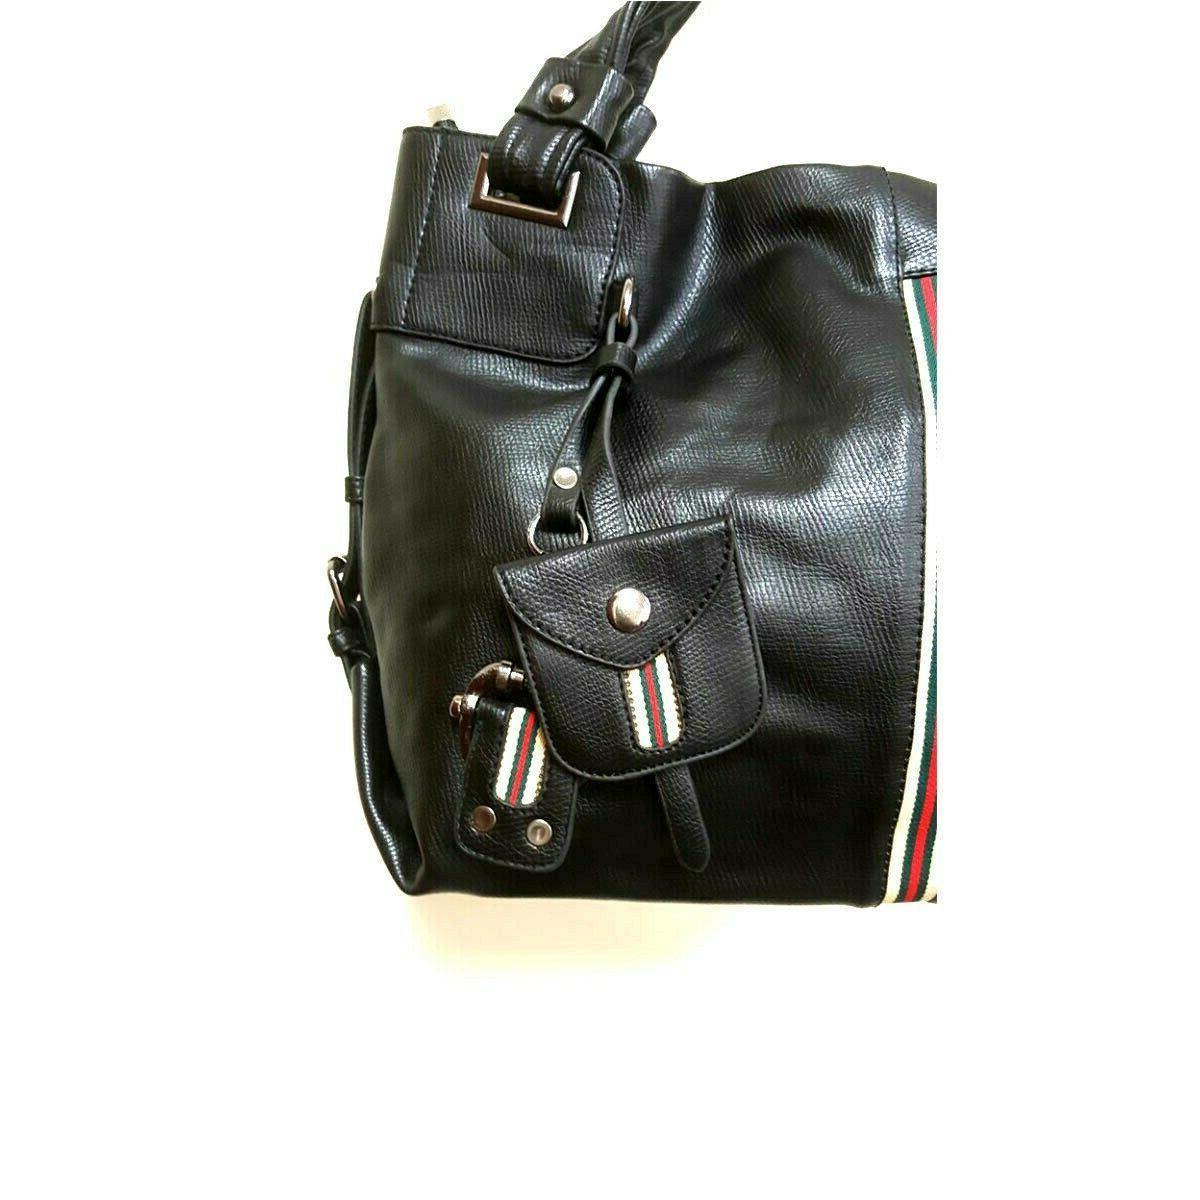 Hand Bag Leather Handbag Shoulder Purse Messenger